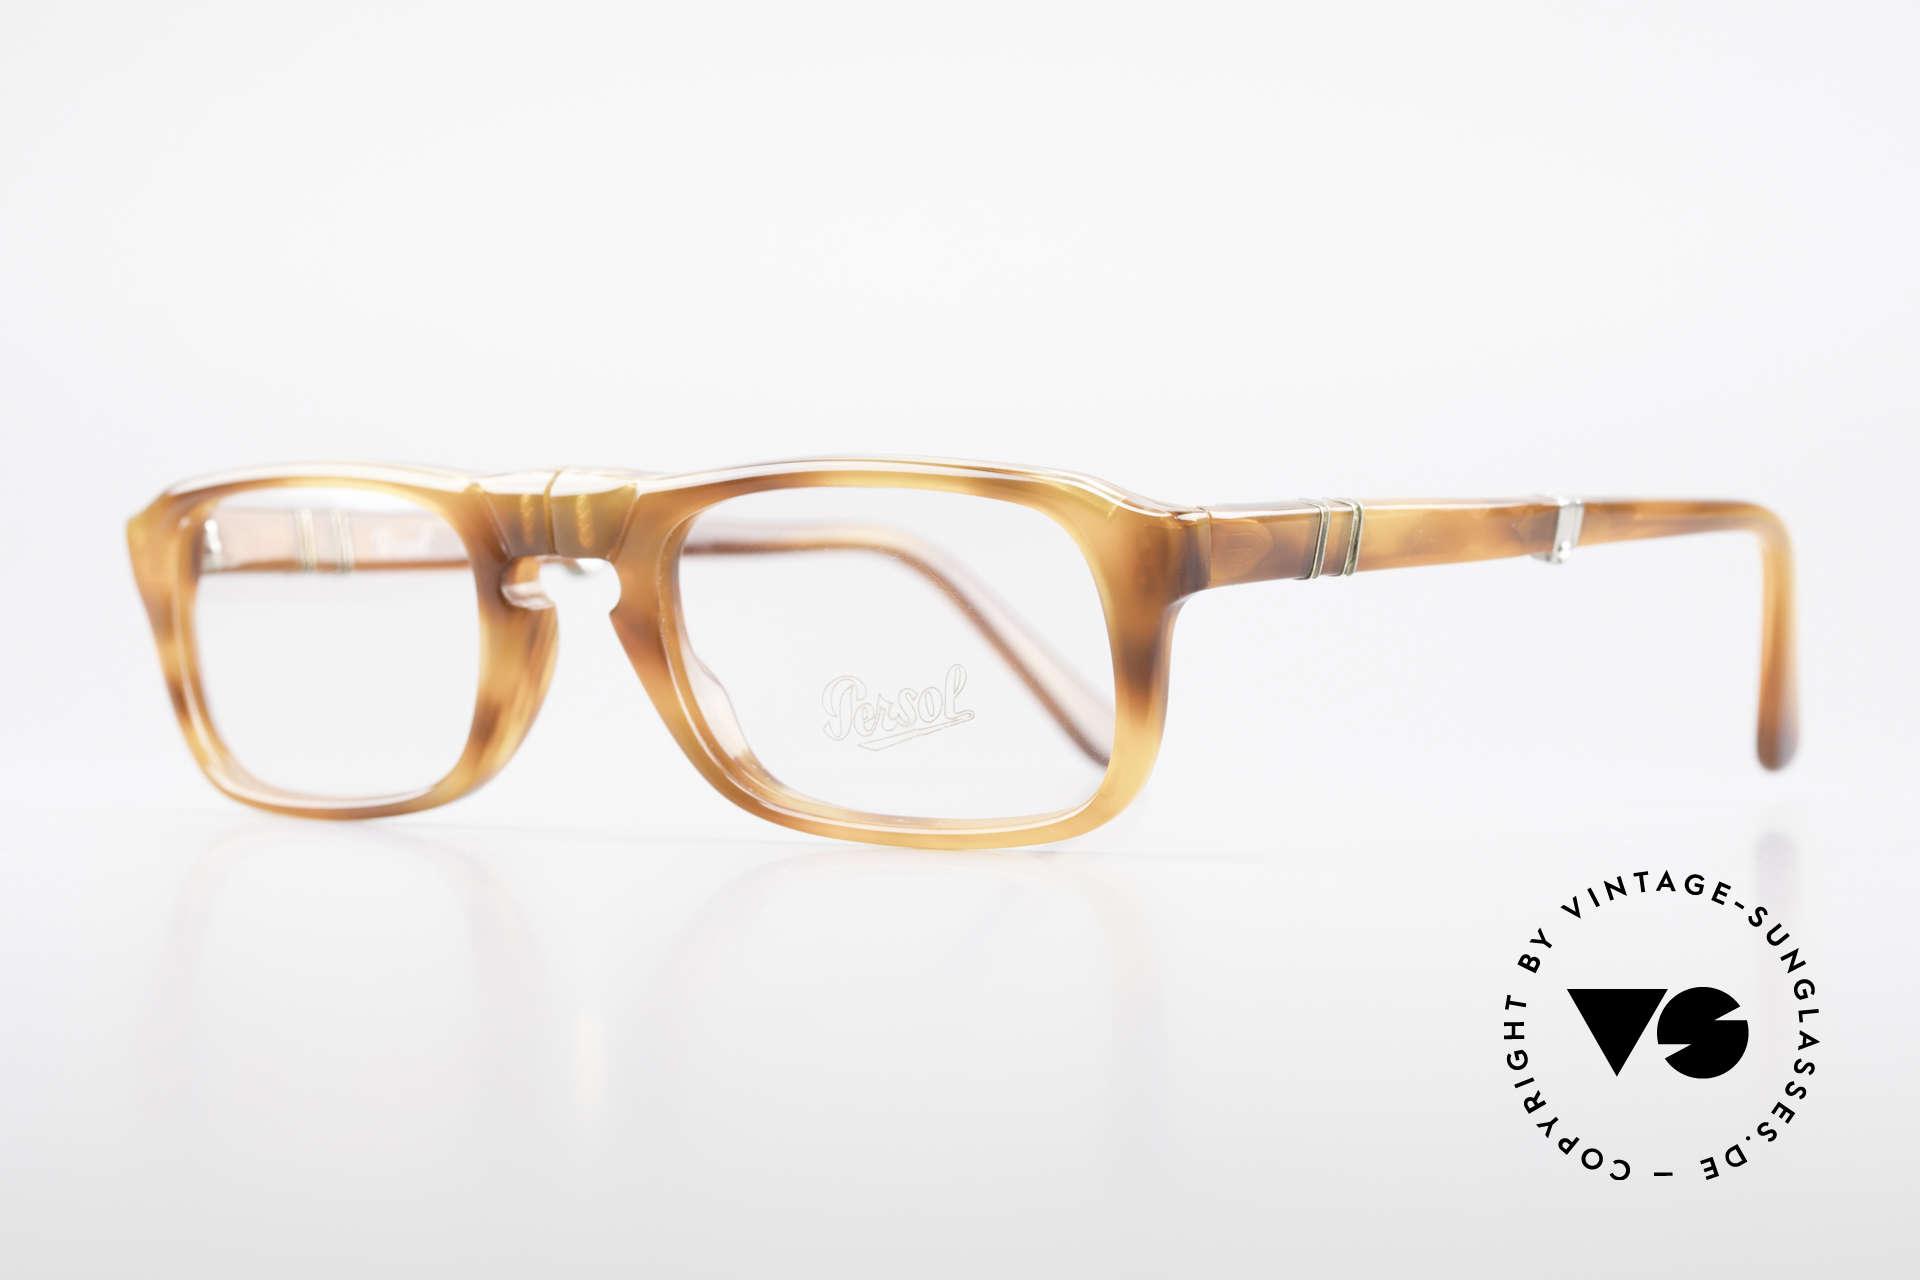 Persol Ratti 813 Folding Vintage Faltbrille Lesebrille, alte Designer-Brillenfassung aus der RATTI Manufaktur, Passend für Herren